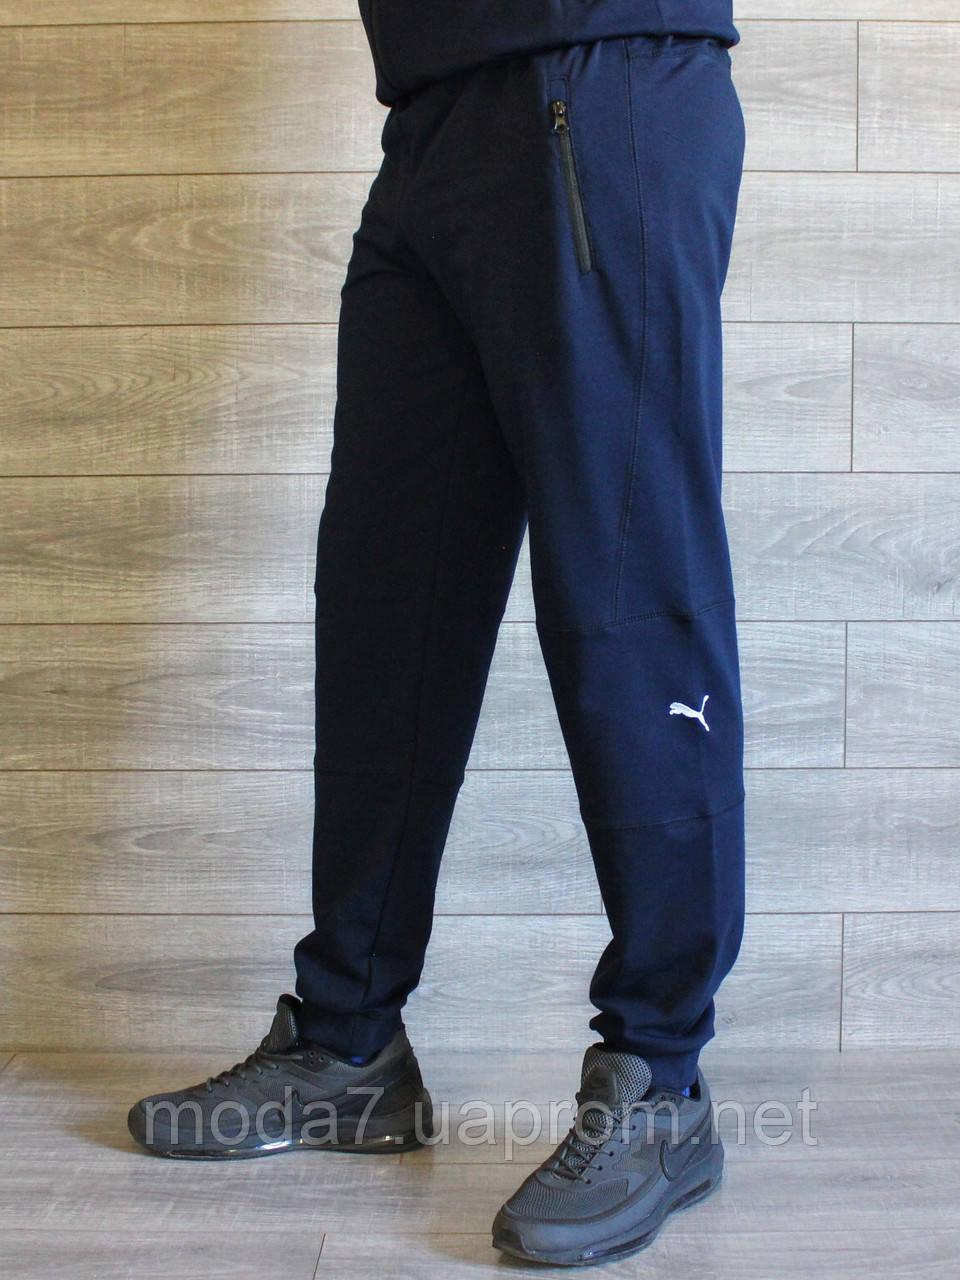 Штаны мужские синие манжет Puma реплика